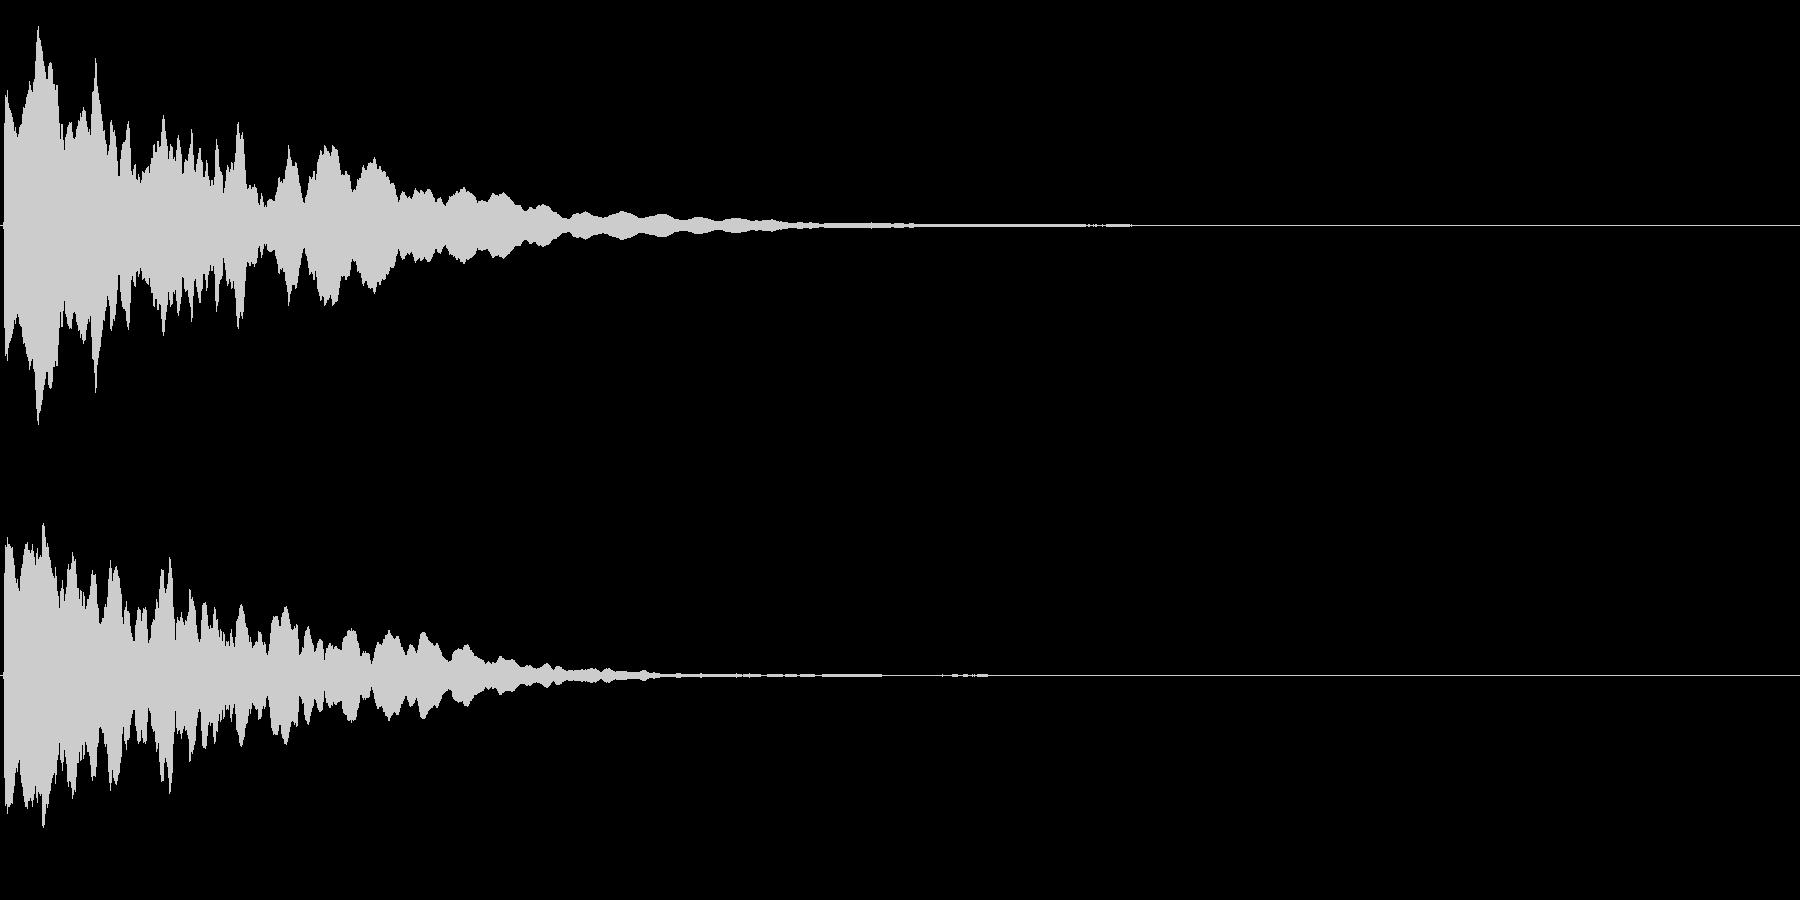 ゲームスタート、決定、ボタン音-079の未再生の波形